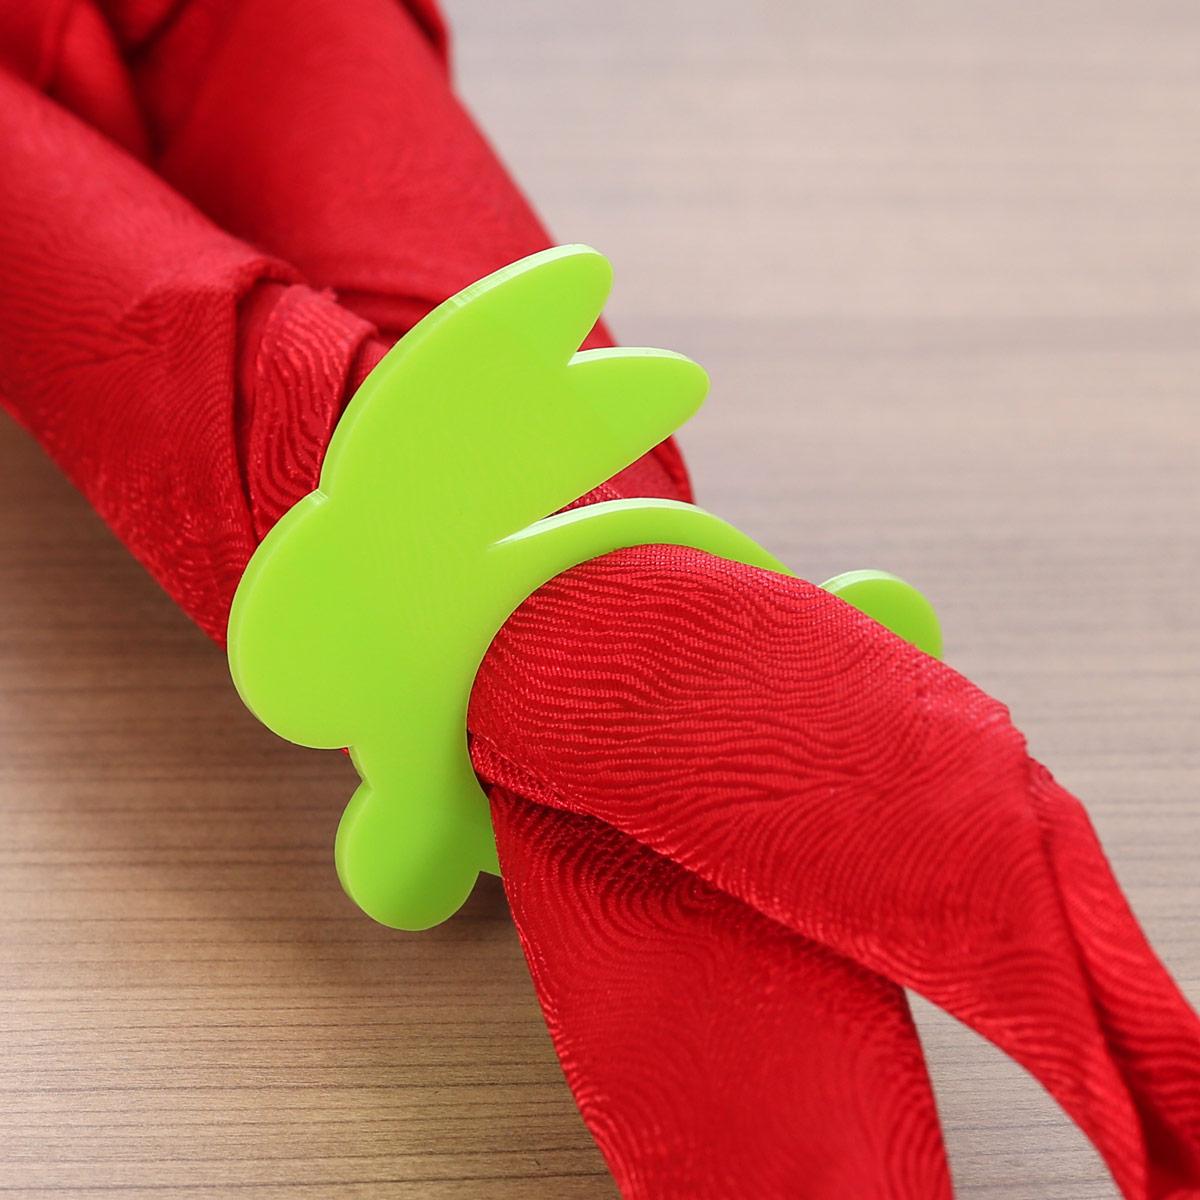 Plexiglas® 6er Sets Serviettenringe weiß grau creme gelb grün Serviettenhalter